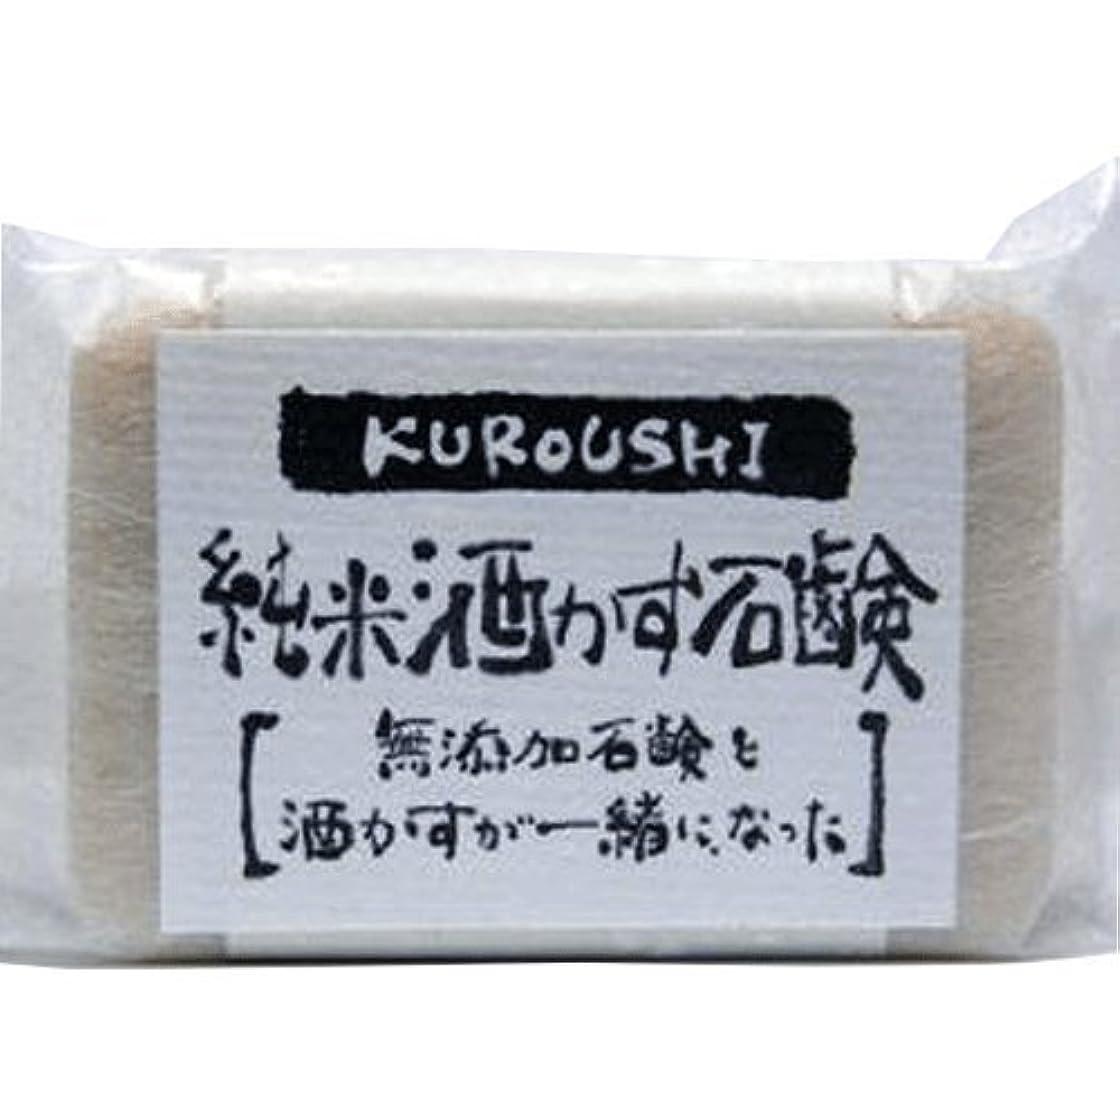 スピーチナラーバーウールKUROUSHI 純米酒かす 無添加石鹸(せっけん) 120g 6個セット